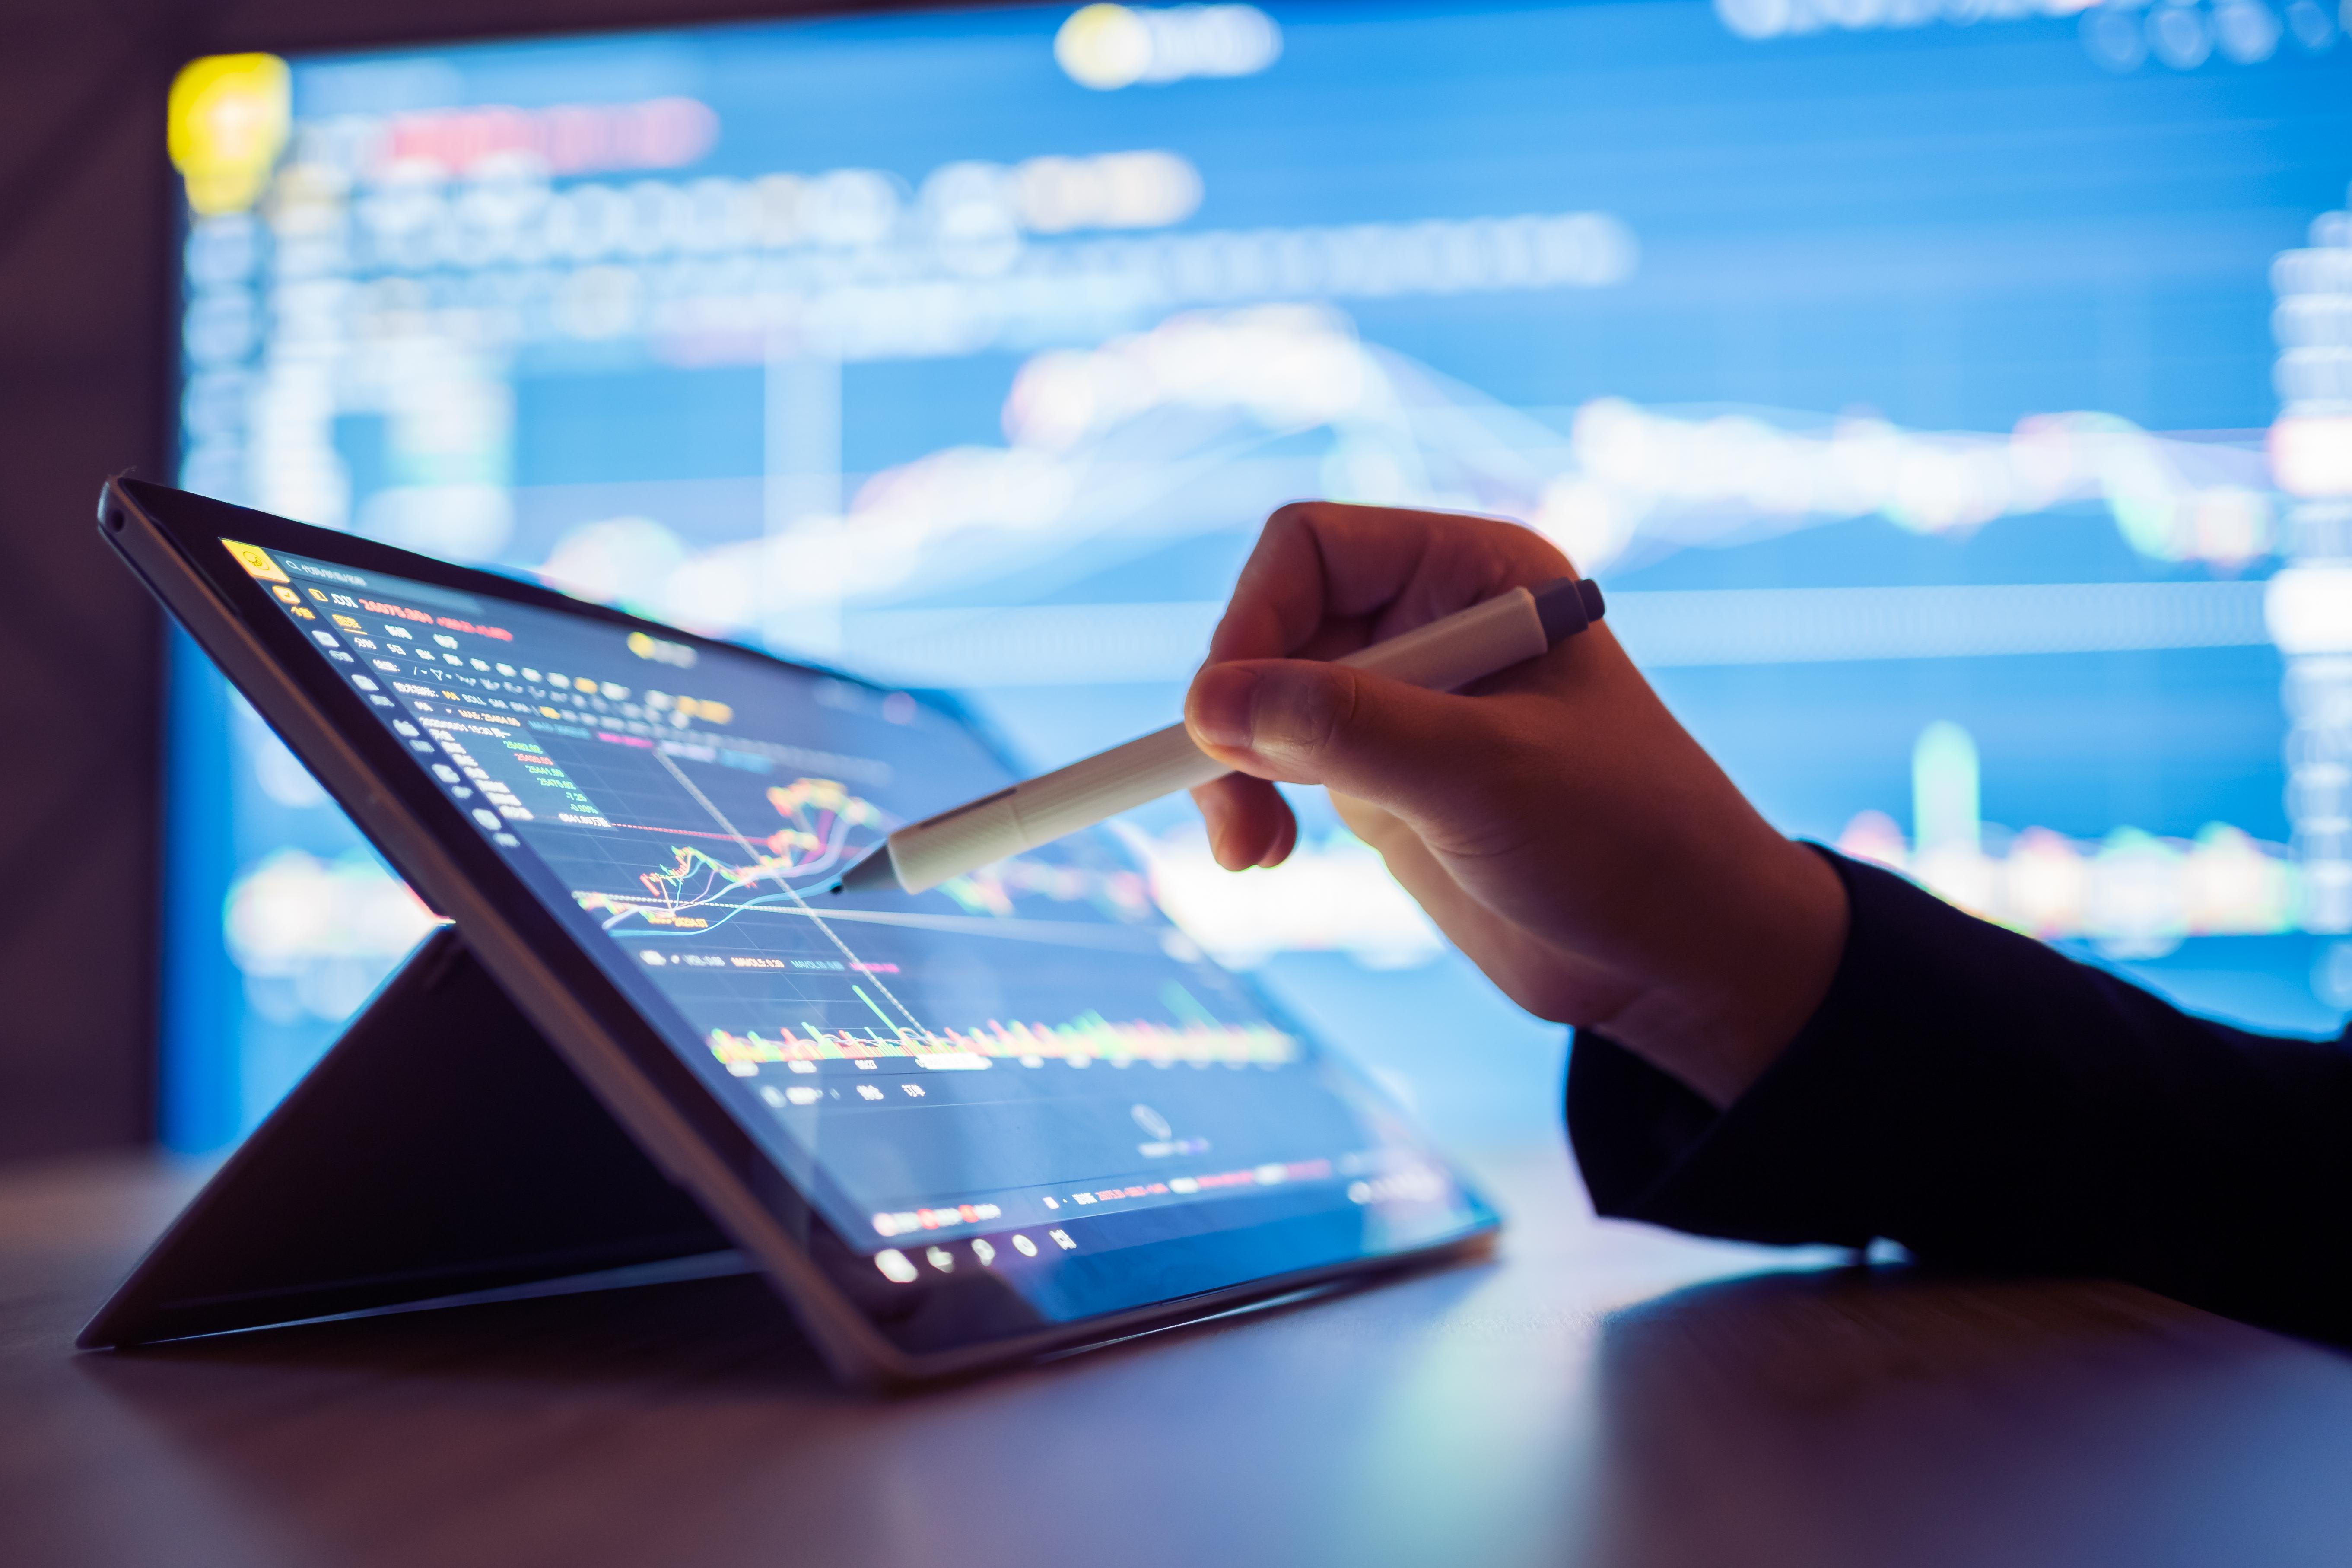 信用取引とは?取引方法やメリット・デメリット、始め方についてわかりやすく解説